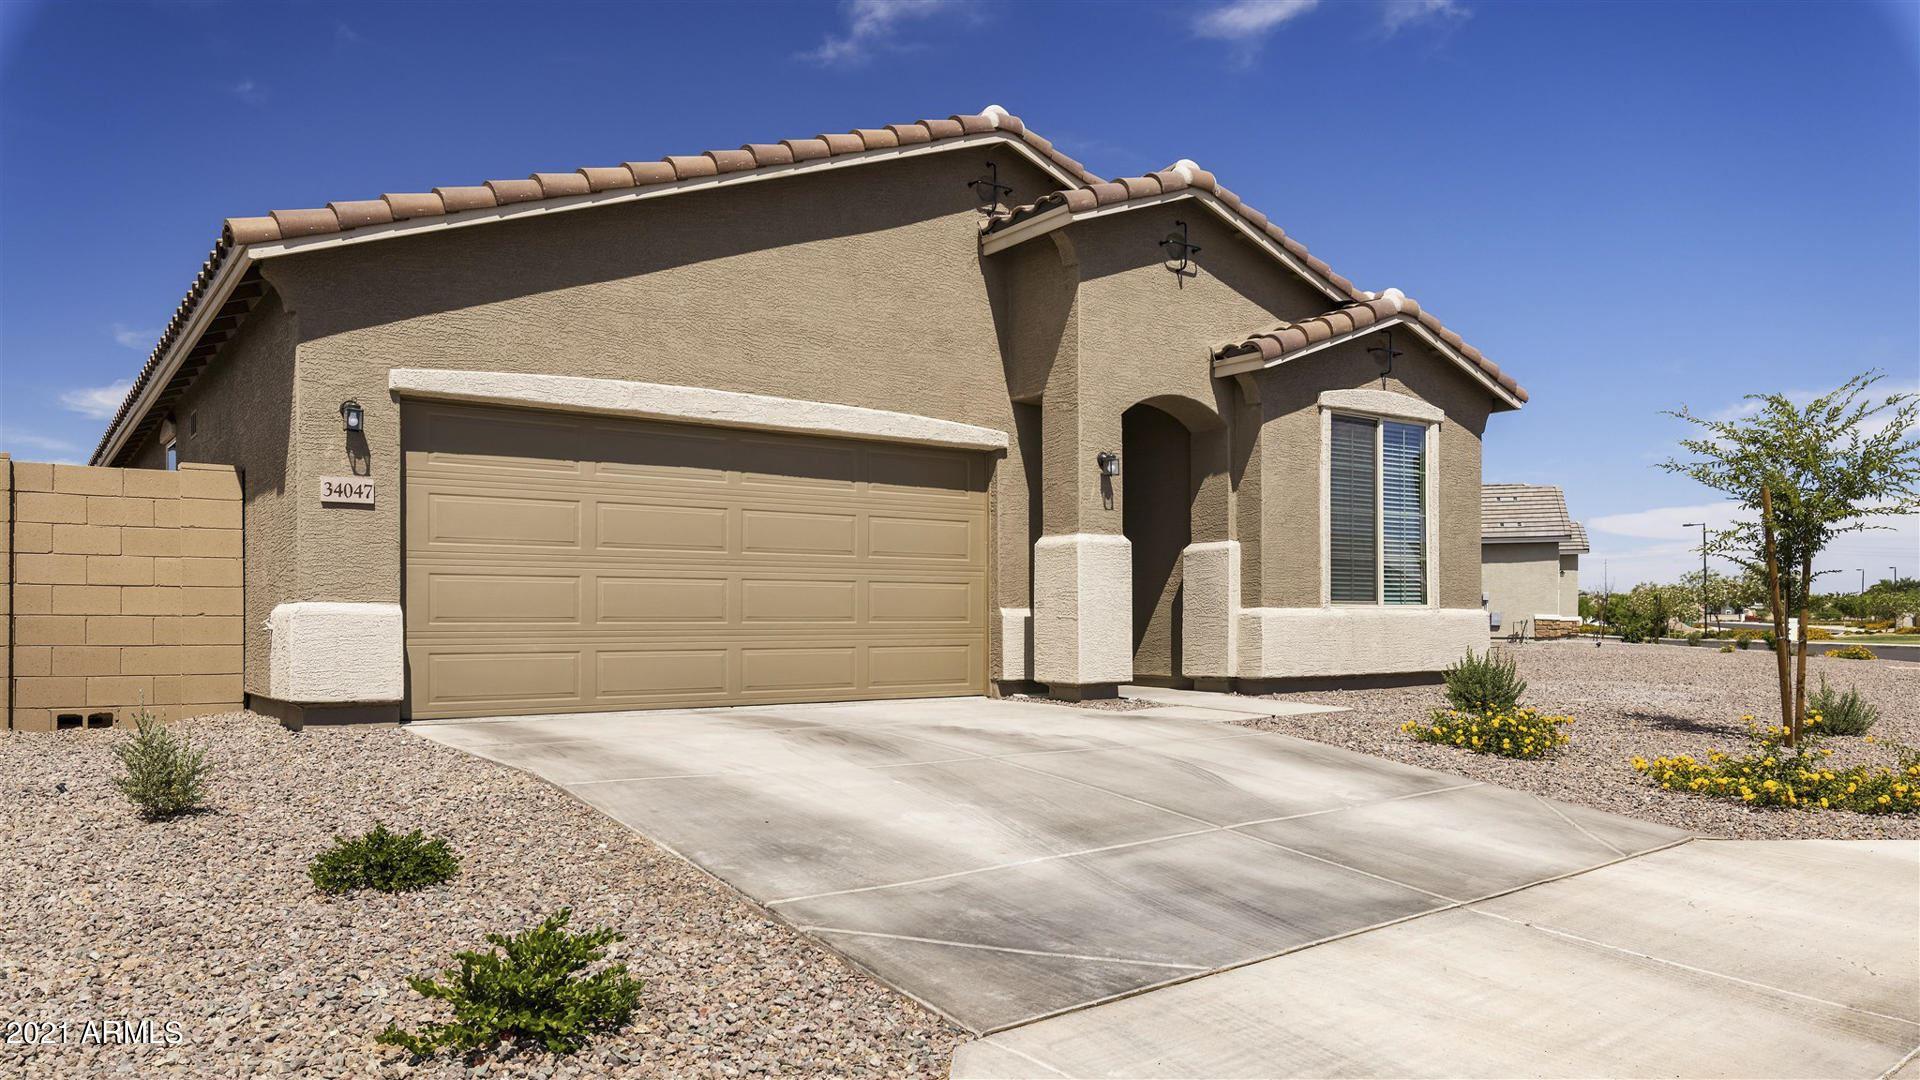 Photo of 34047 N CASEY Lane, Queen Creek, AZ 85142 (MLS # 6248584)